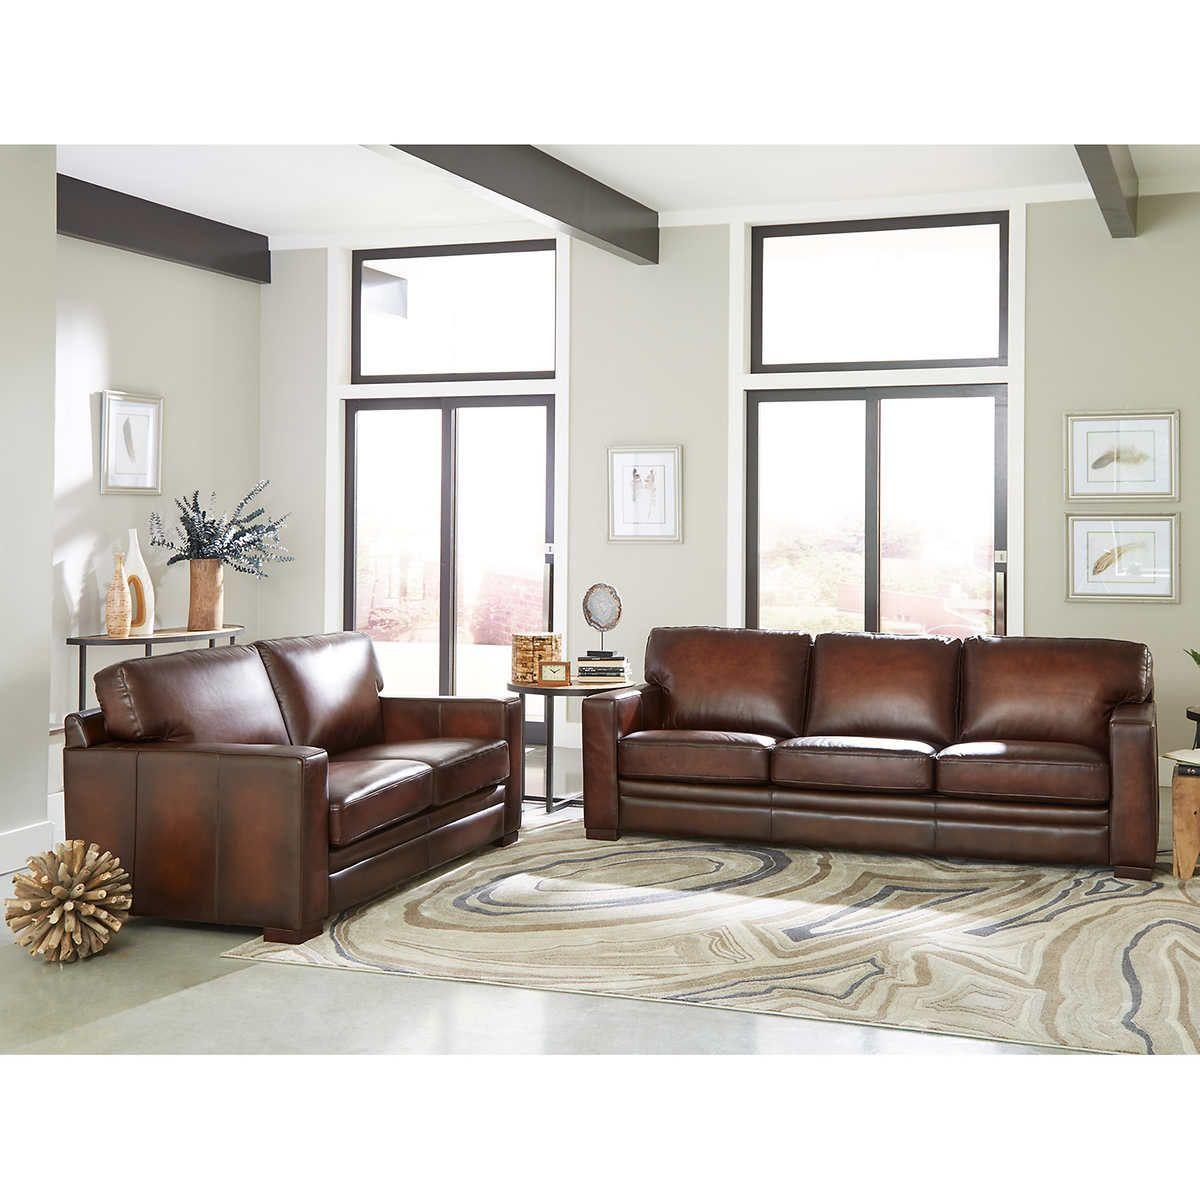 Luca 2 Piece Top Grain Leather Set Sofa Loveseat With Images Sofa And Loveseat Set Leather Sofa And Loveseat Top Grain Leather Sofa